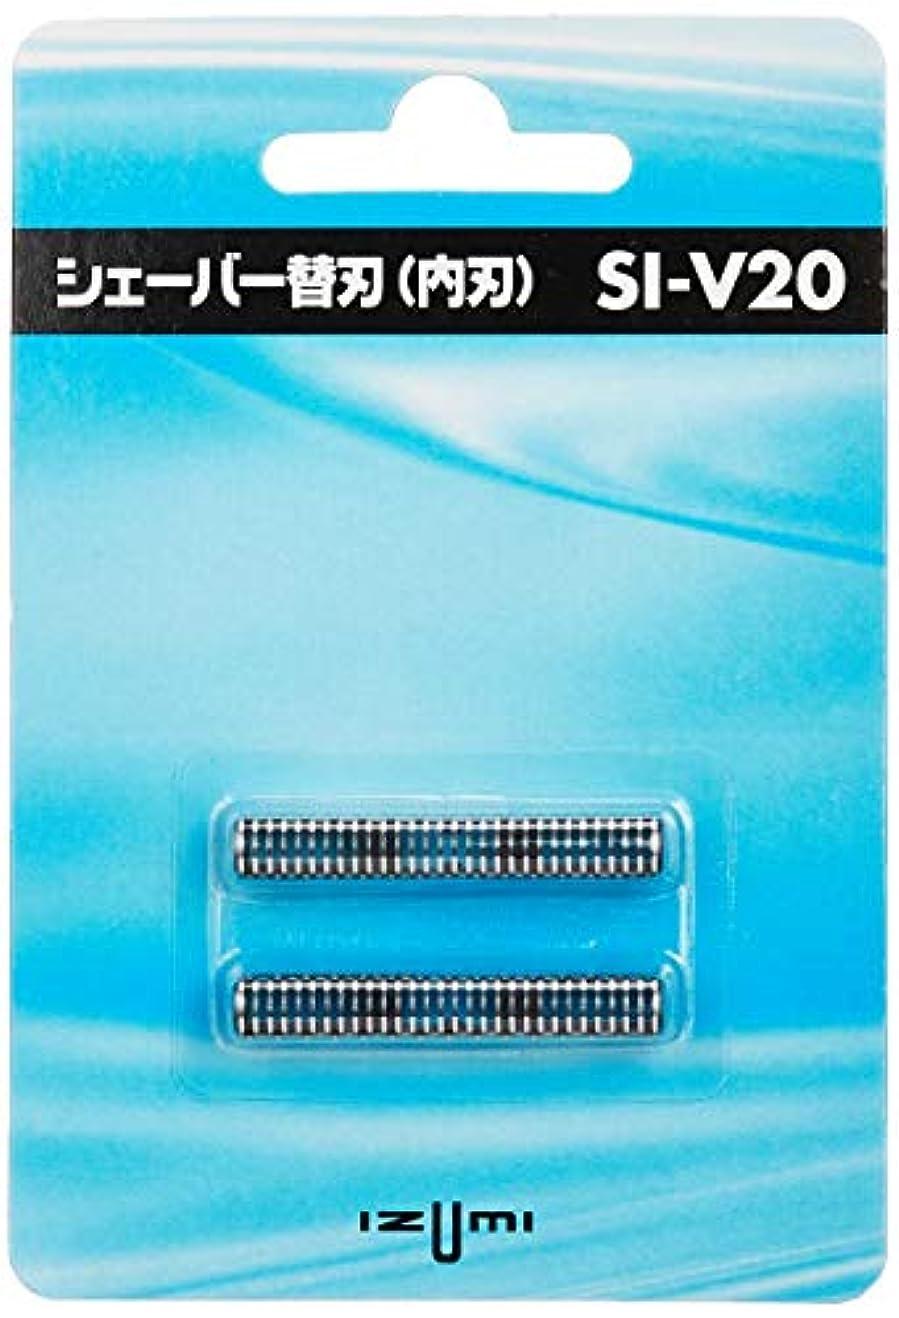 マトロン形式禁輸IZUMI シェーバー用替刃(内刃) SI-V20